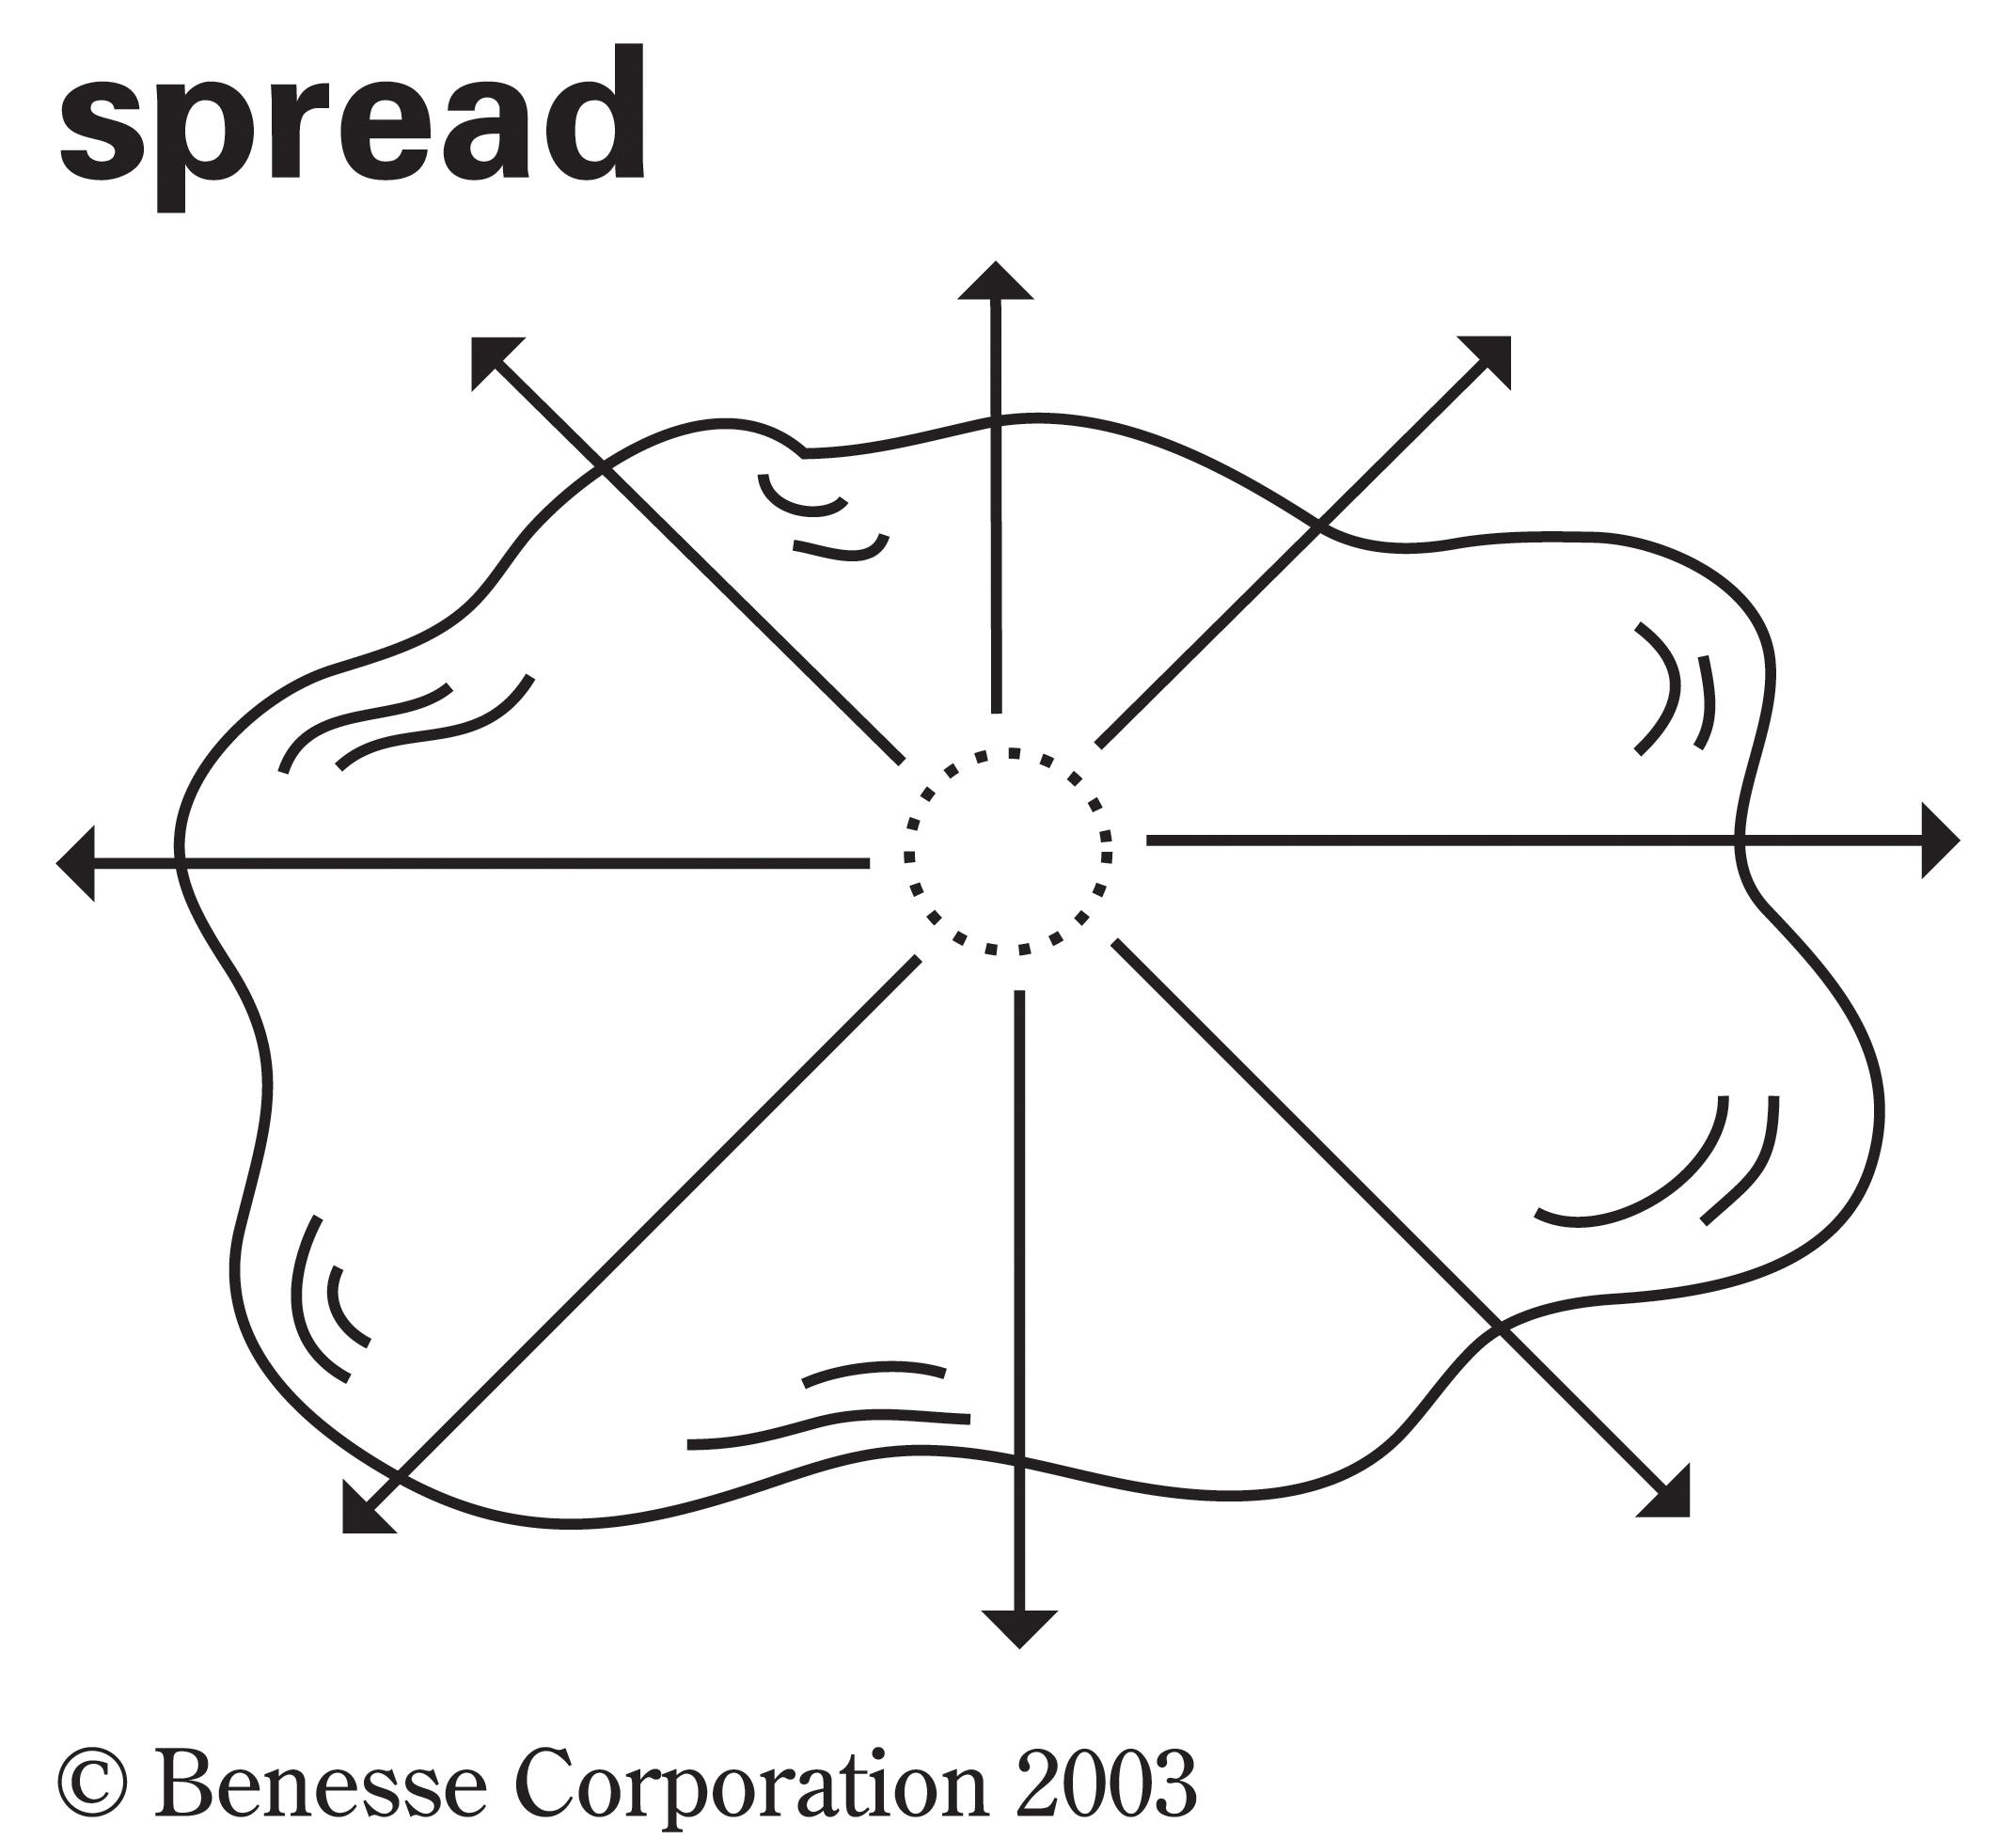 spread01.jpg